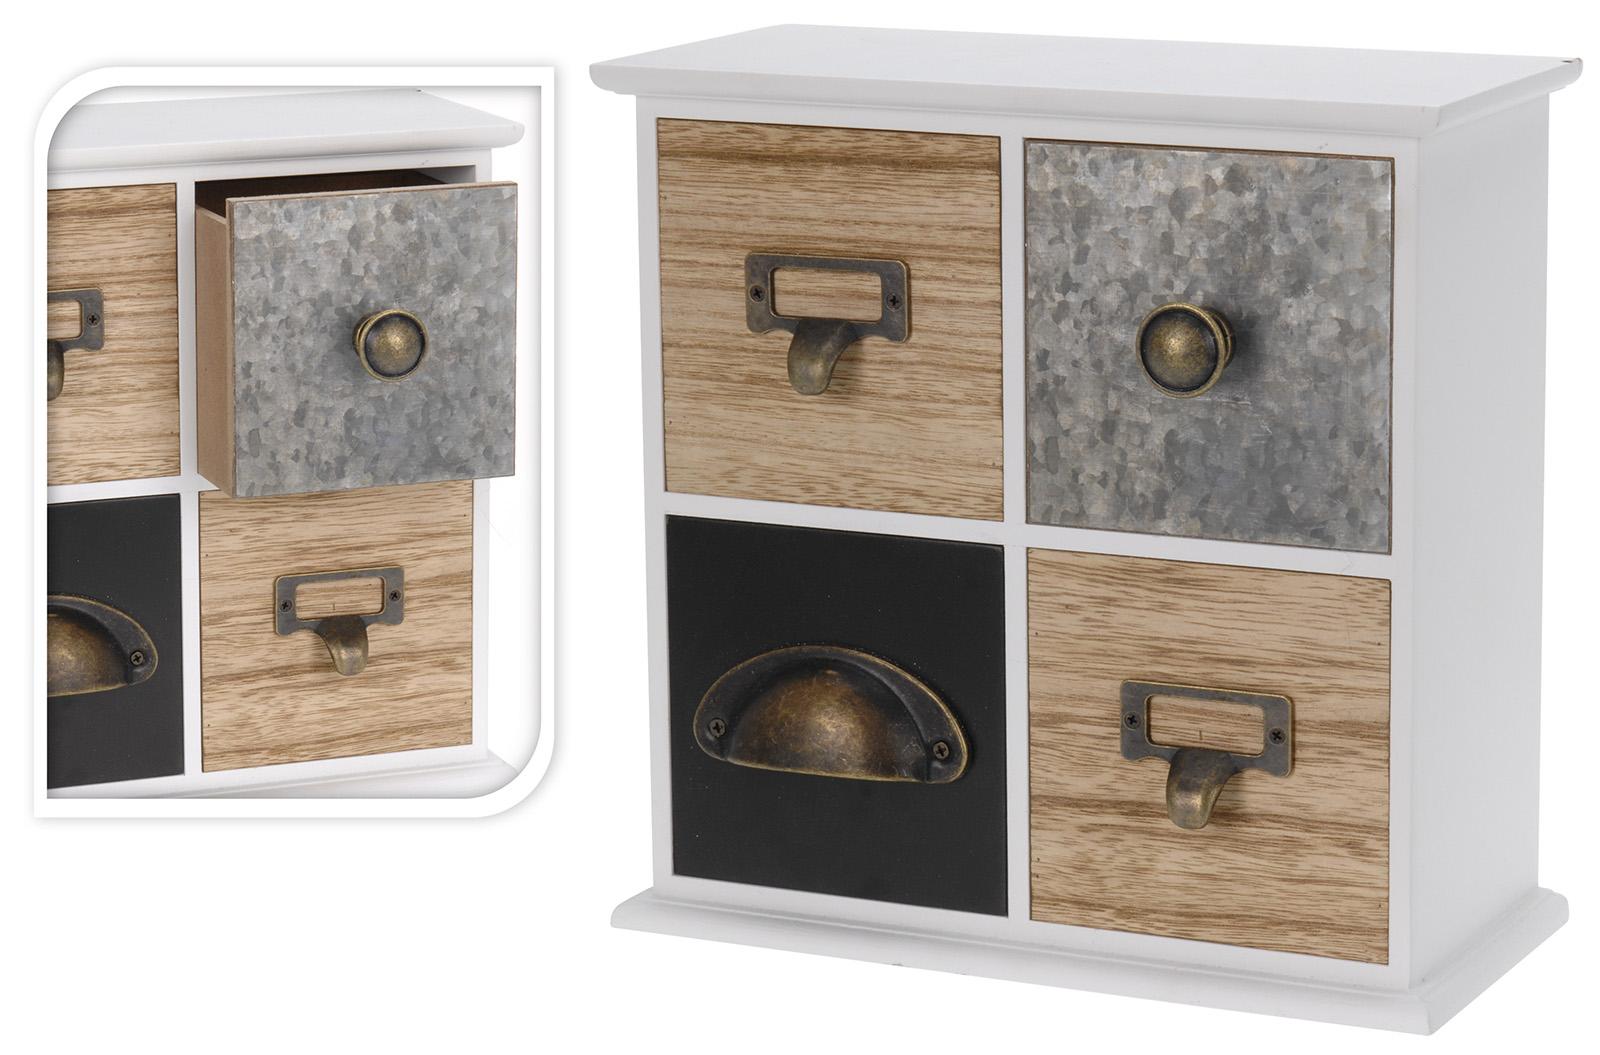 kleiner schrank 4 f cher holz mini kommode leo aufbewahrungsschrank shabby chic ebay. Black Bedroom Furniture Sets. Home Design Ideas